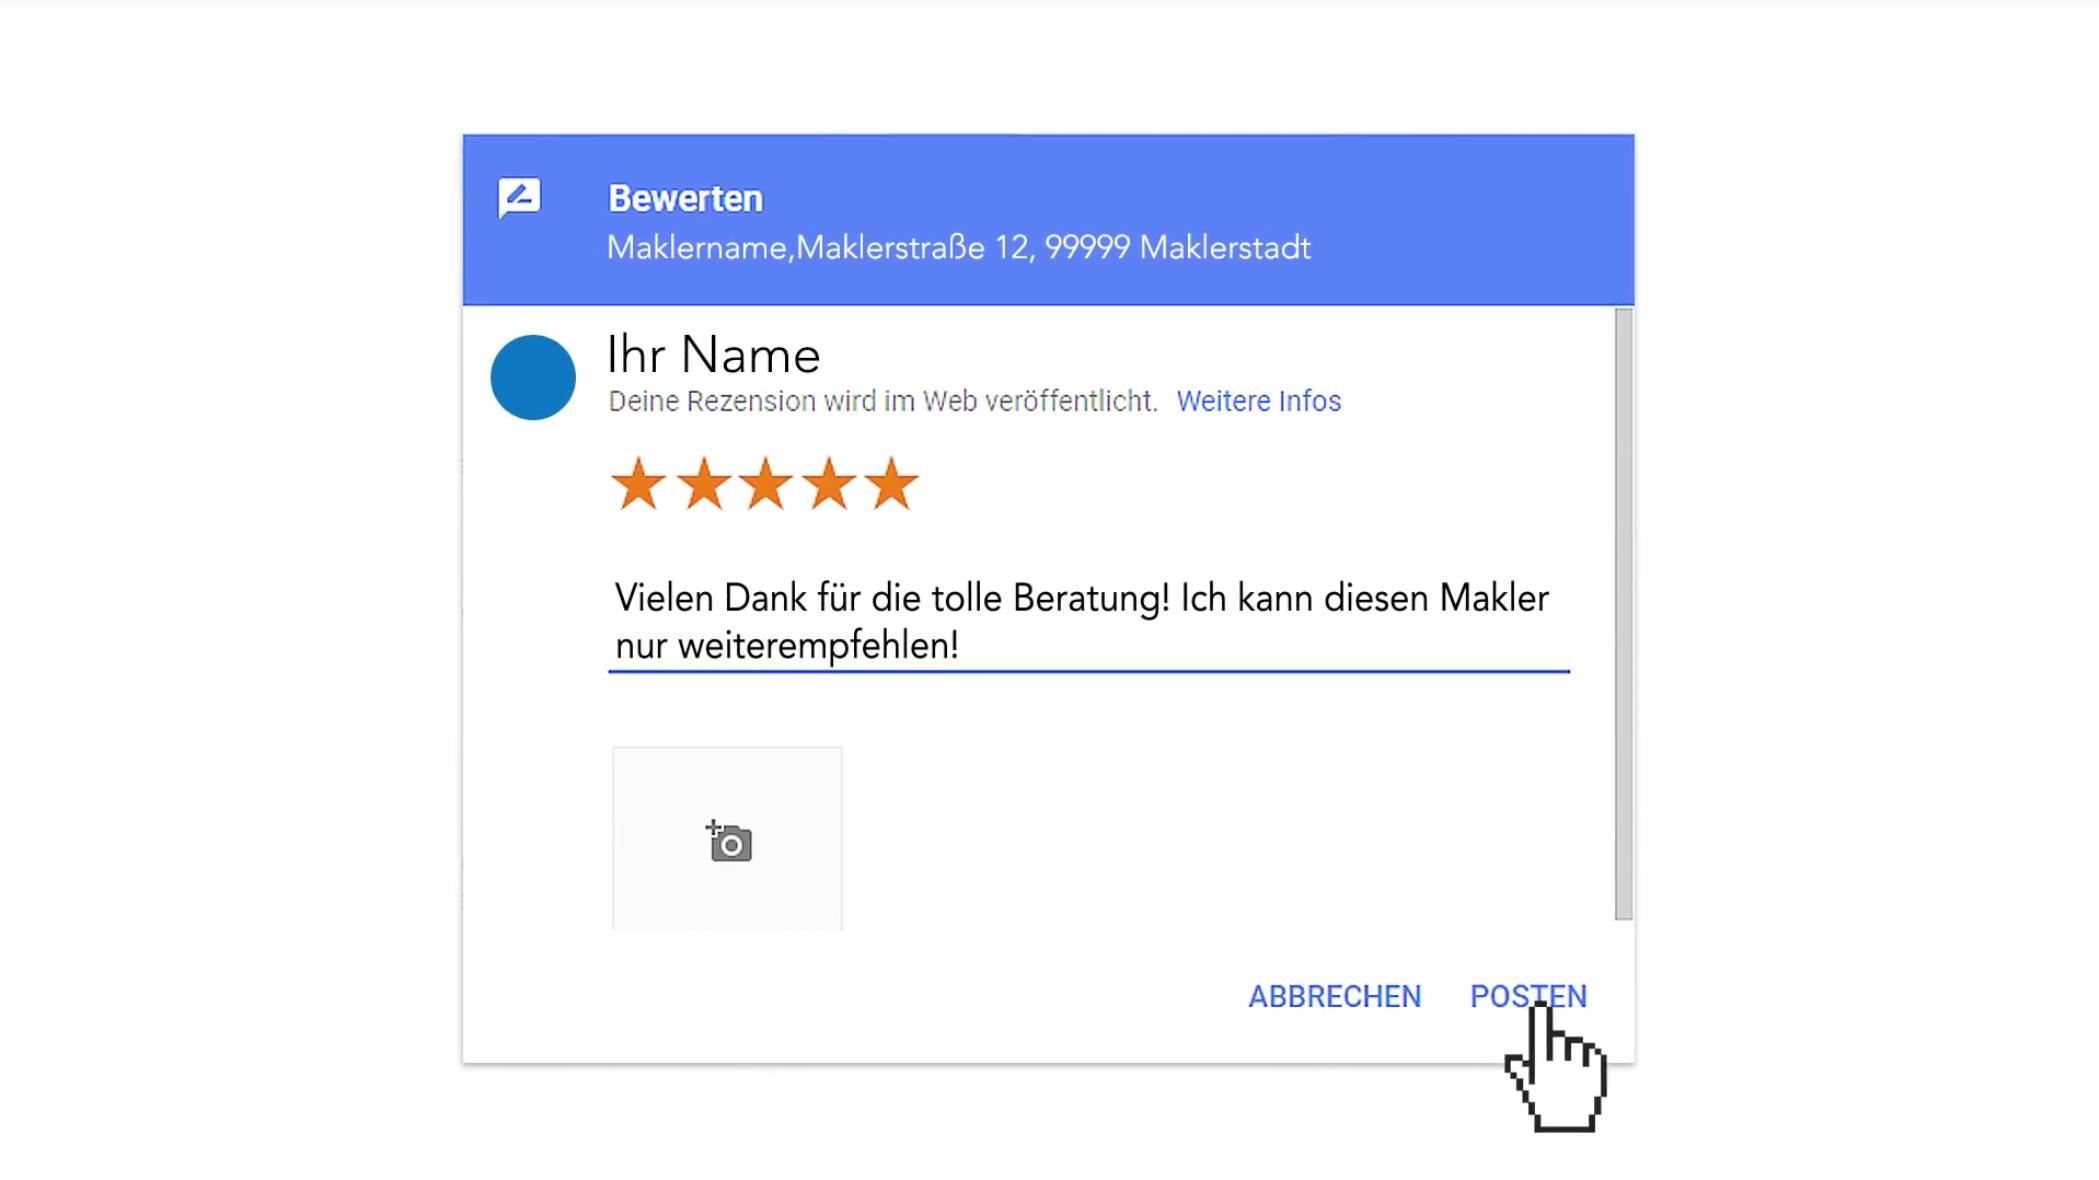 Video-Einladung zur Google-Bewertung